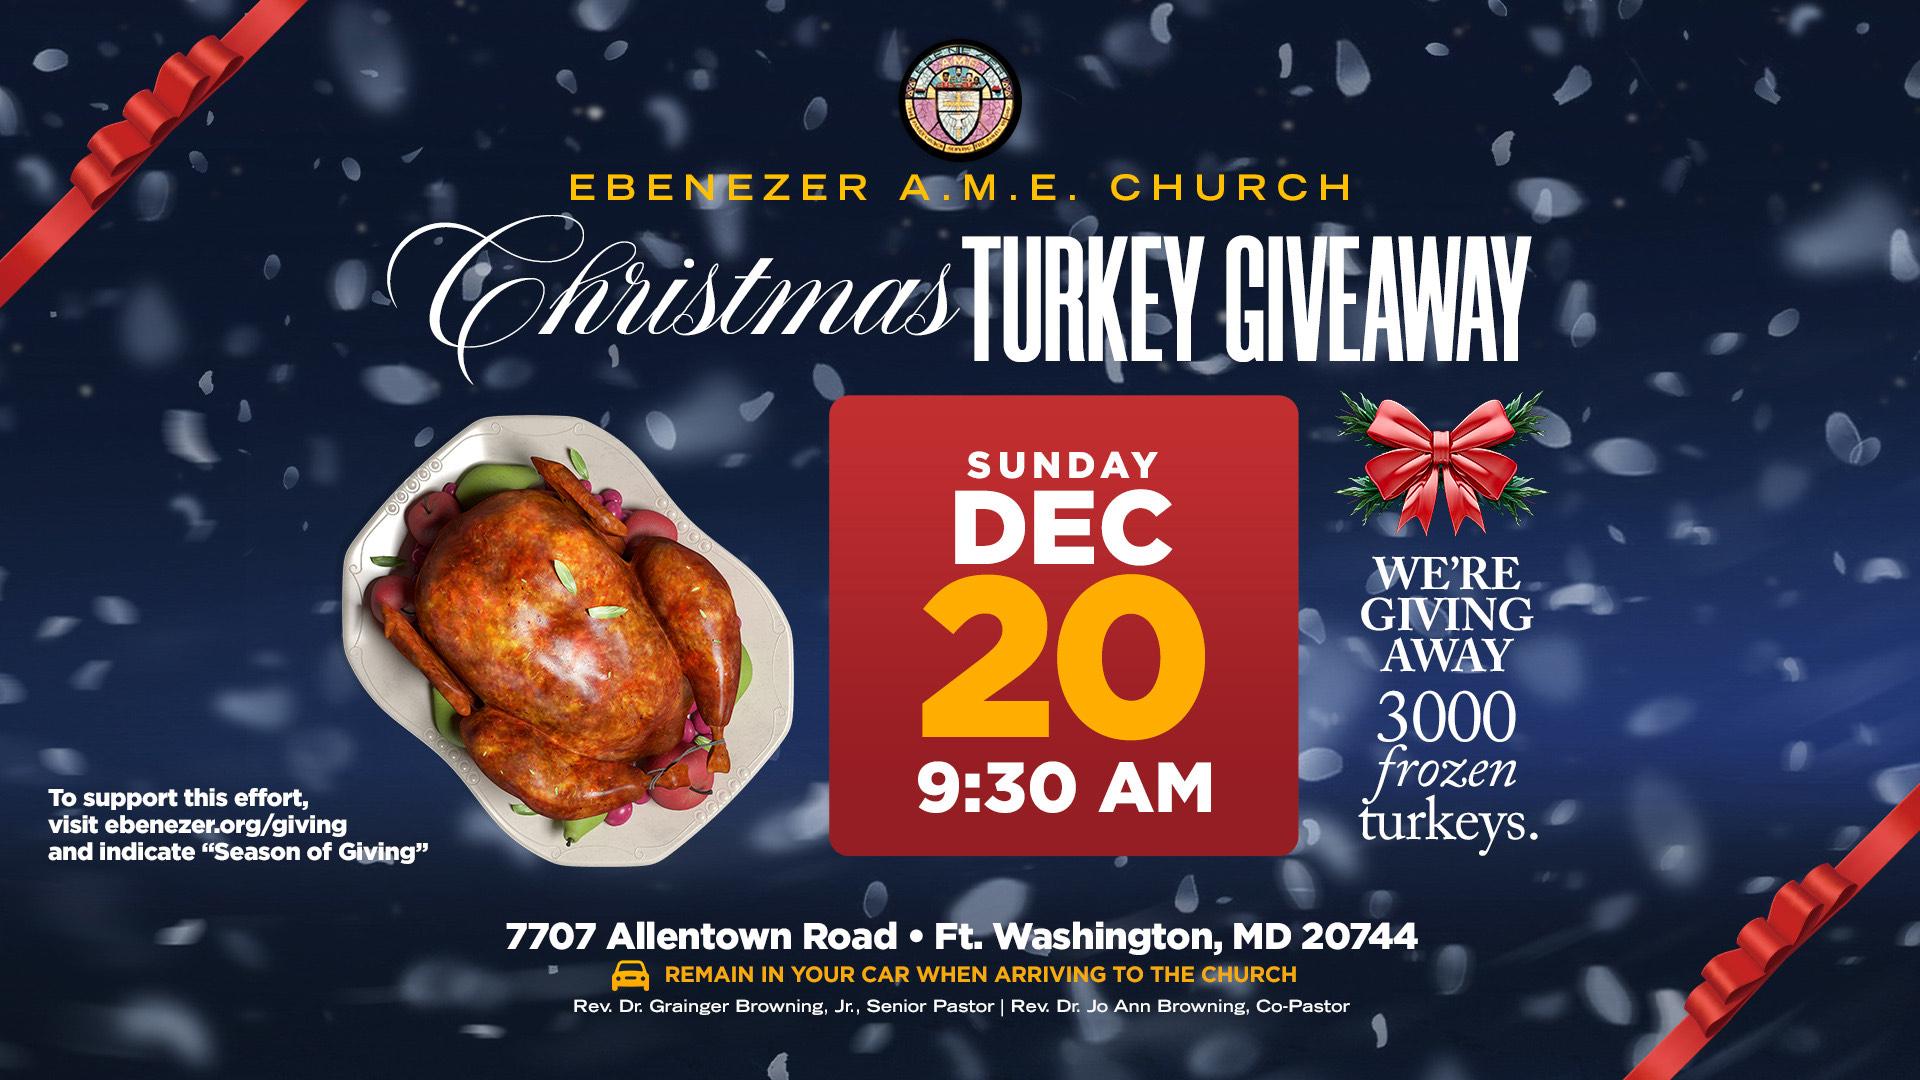 Sun. Dec 20 Turkey Giveaway